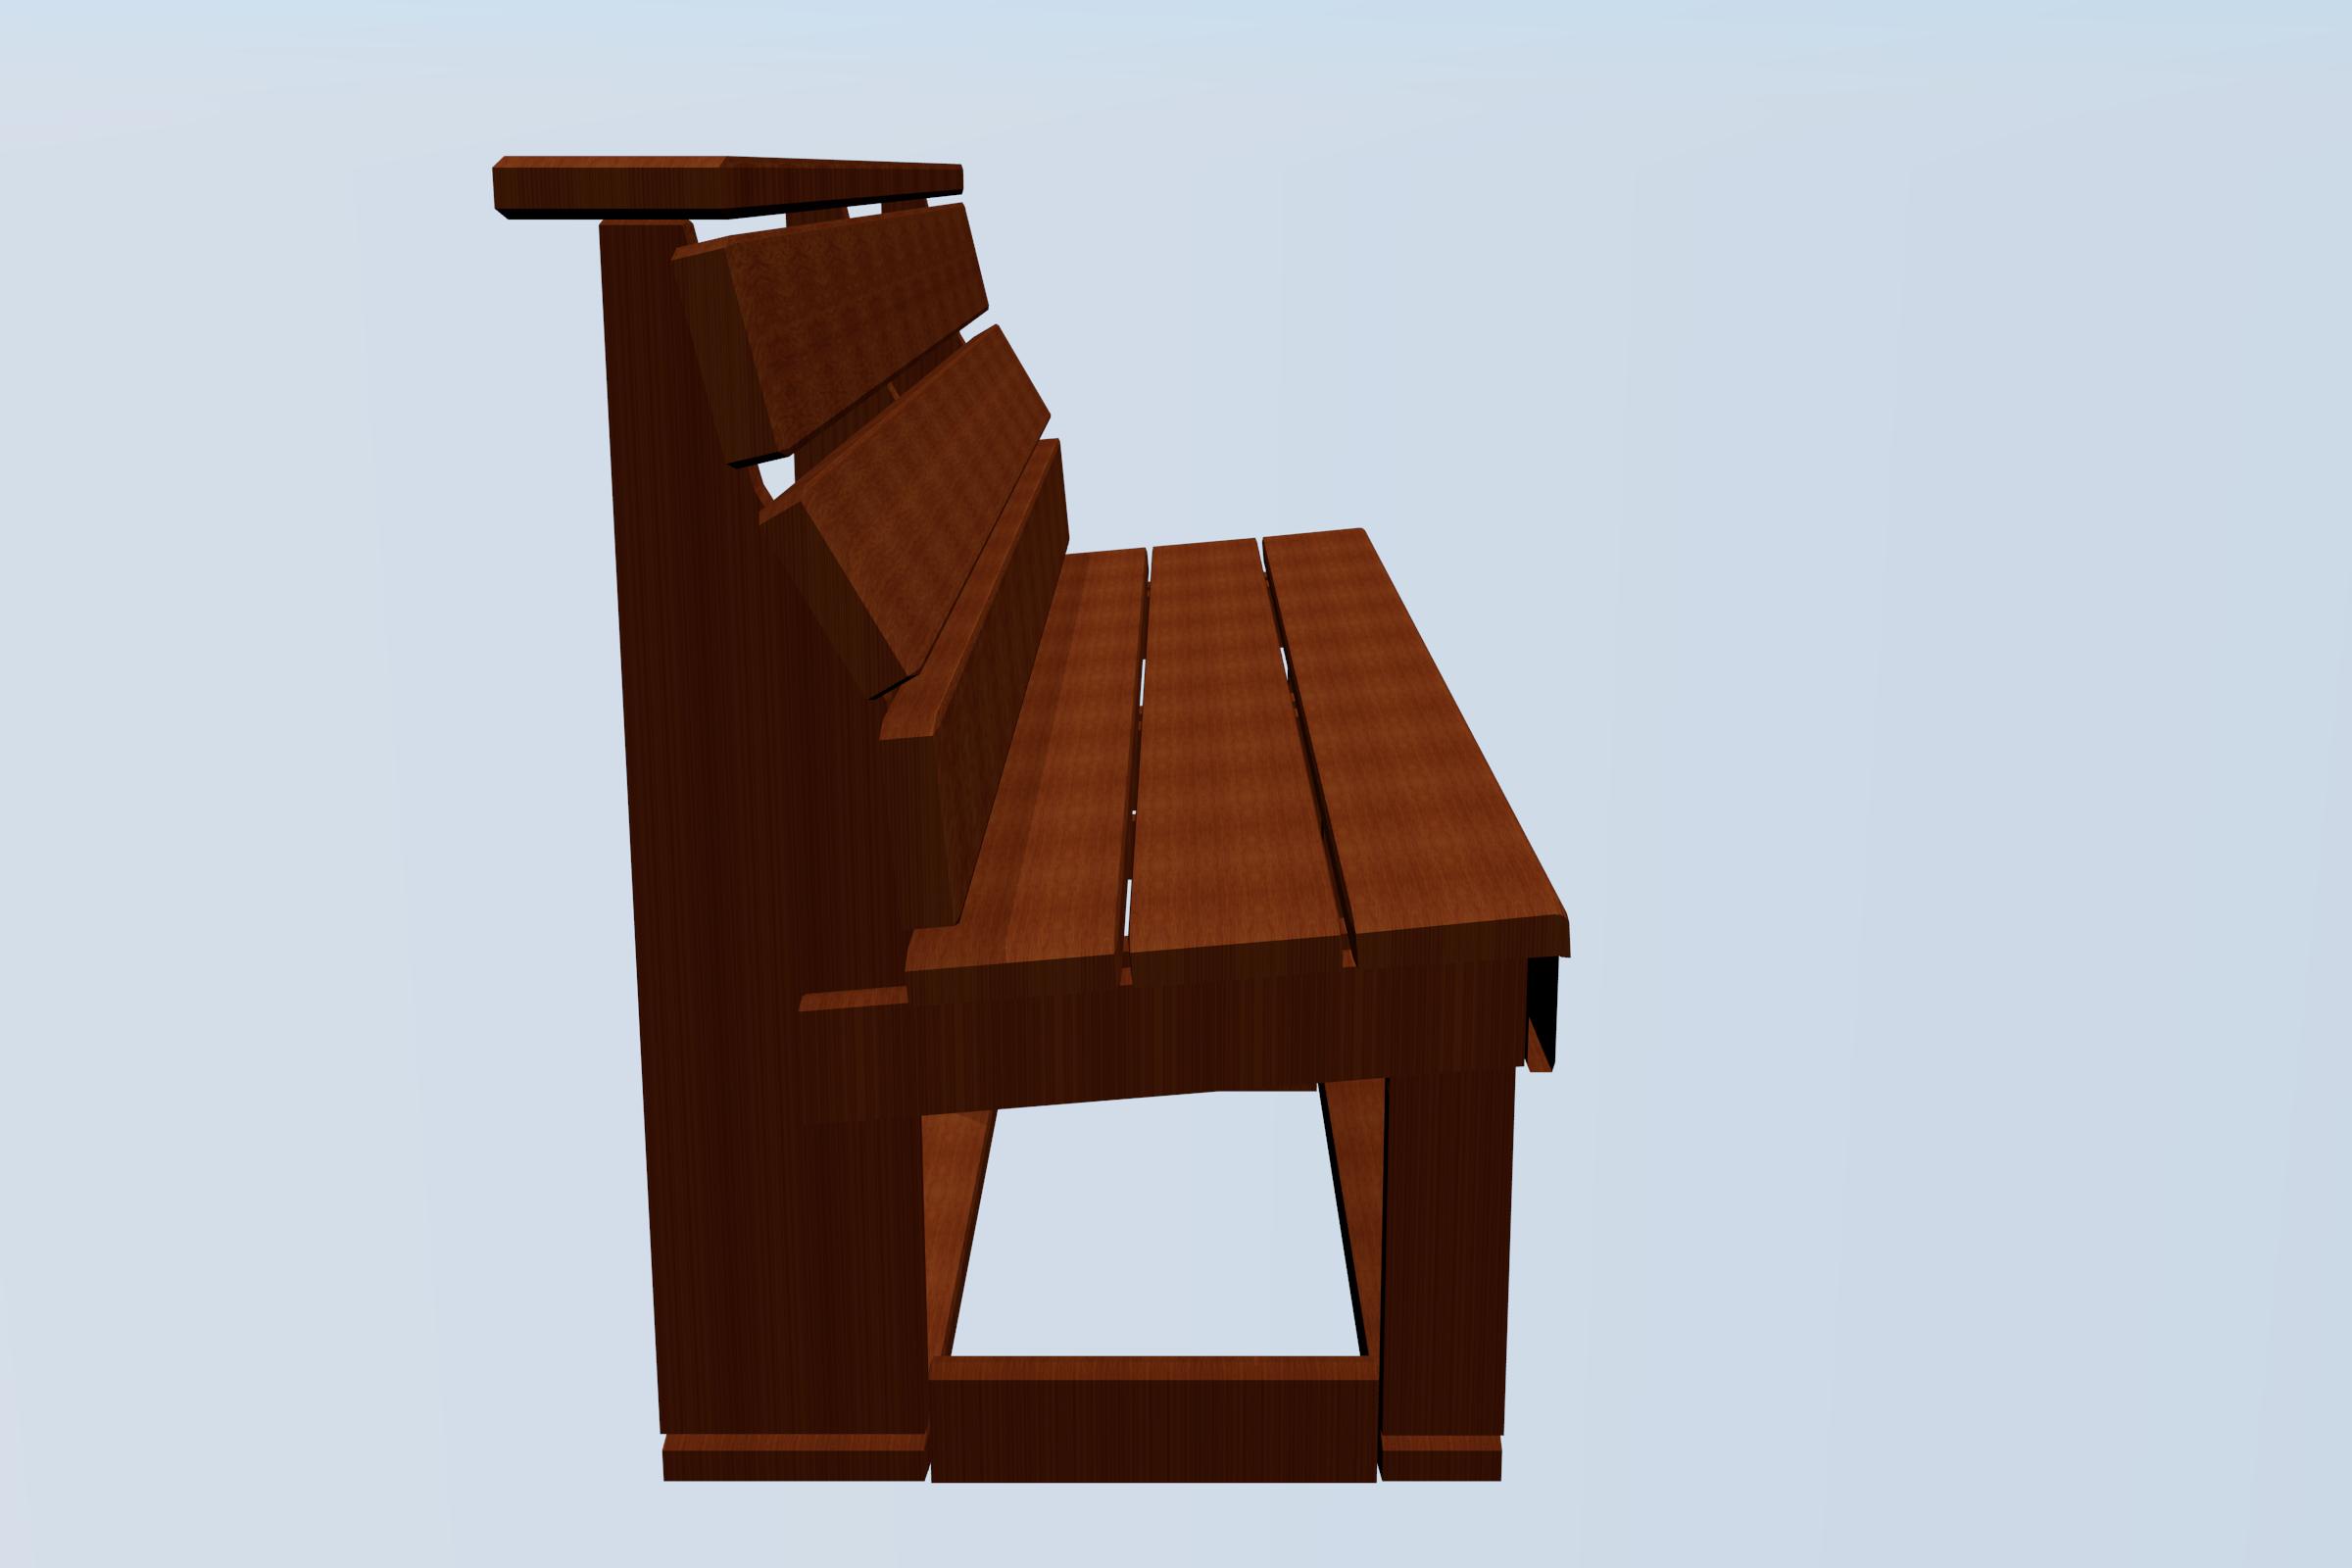 images deck furniture 2013 furniture bench side